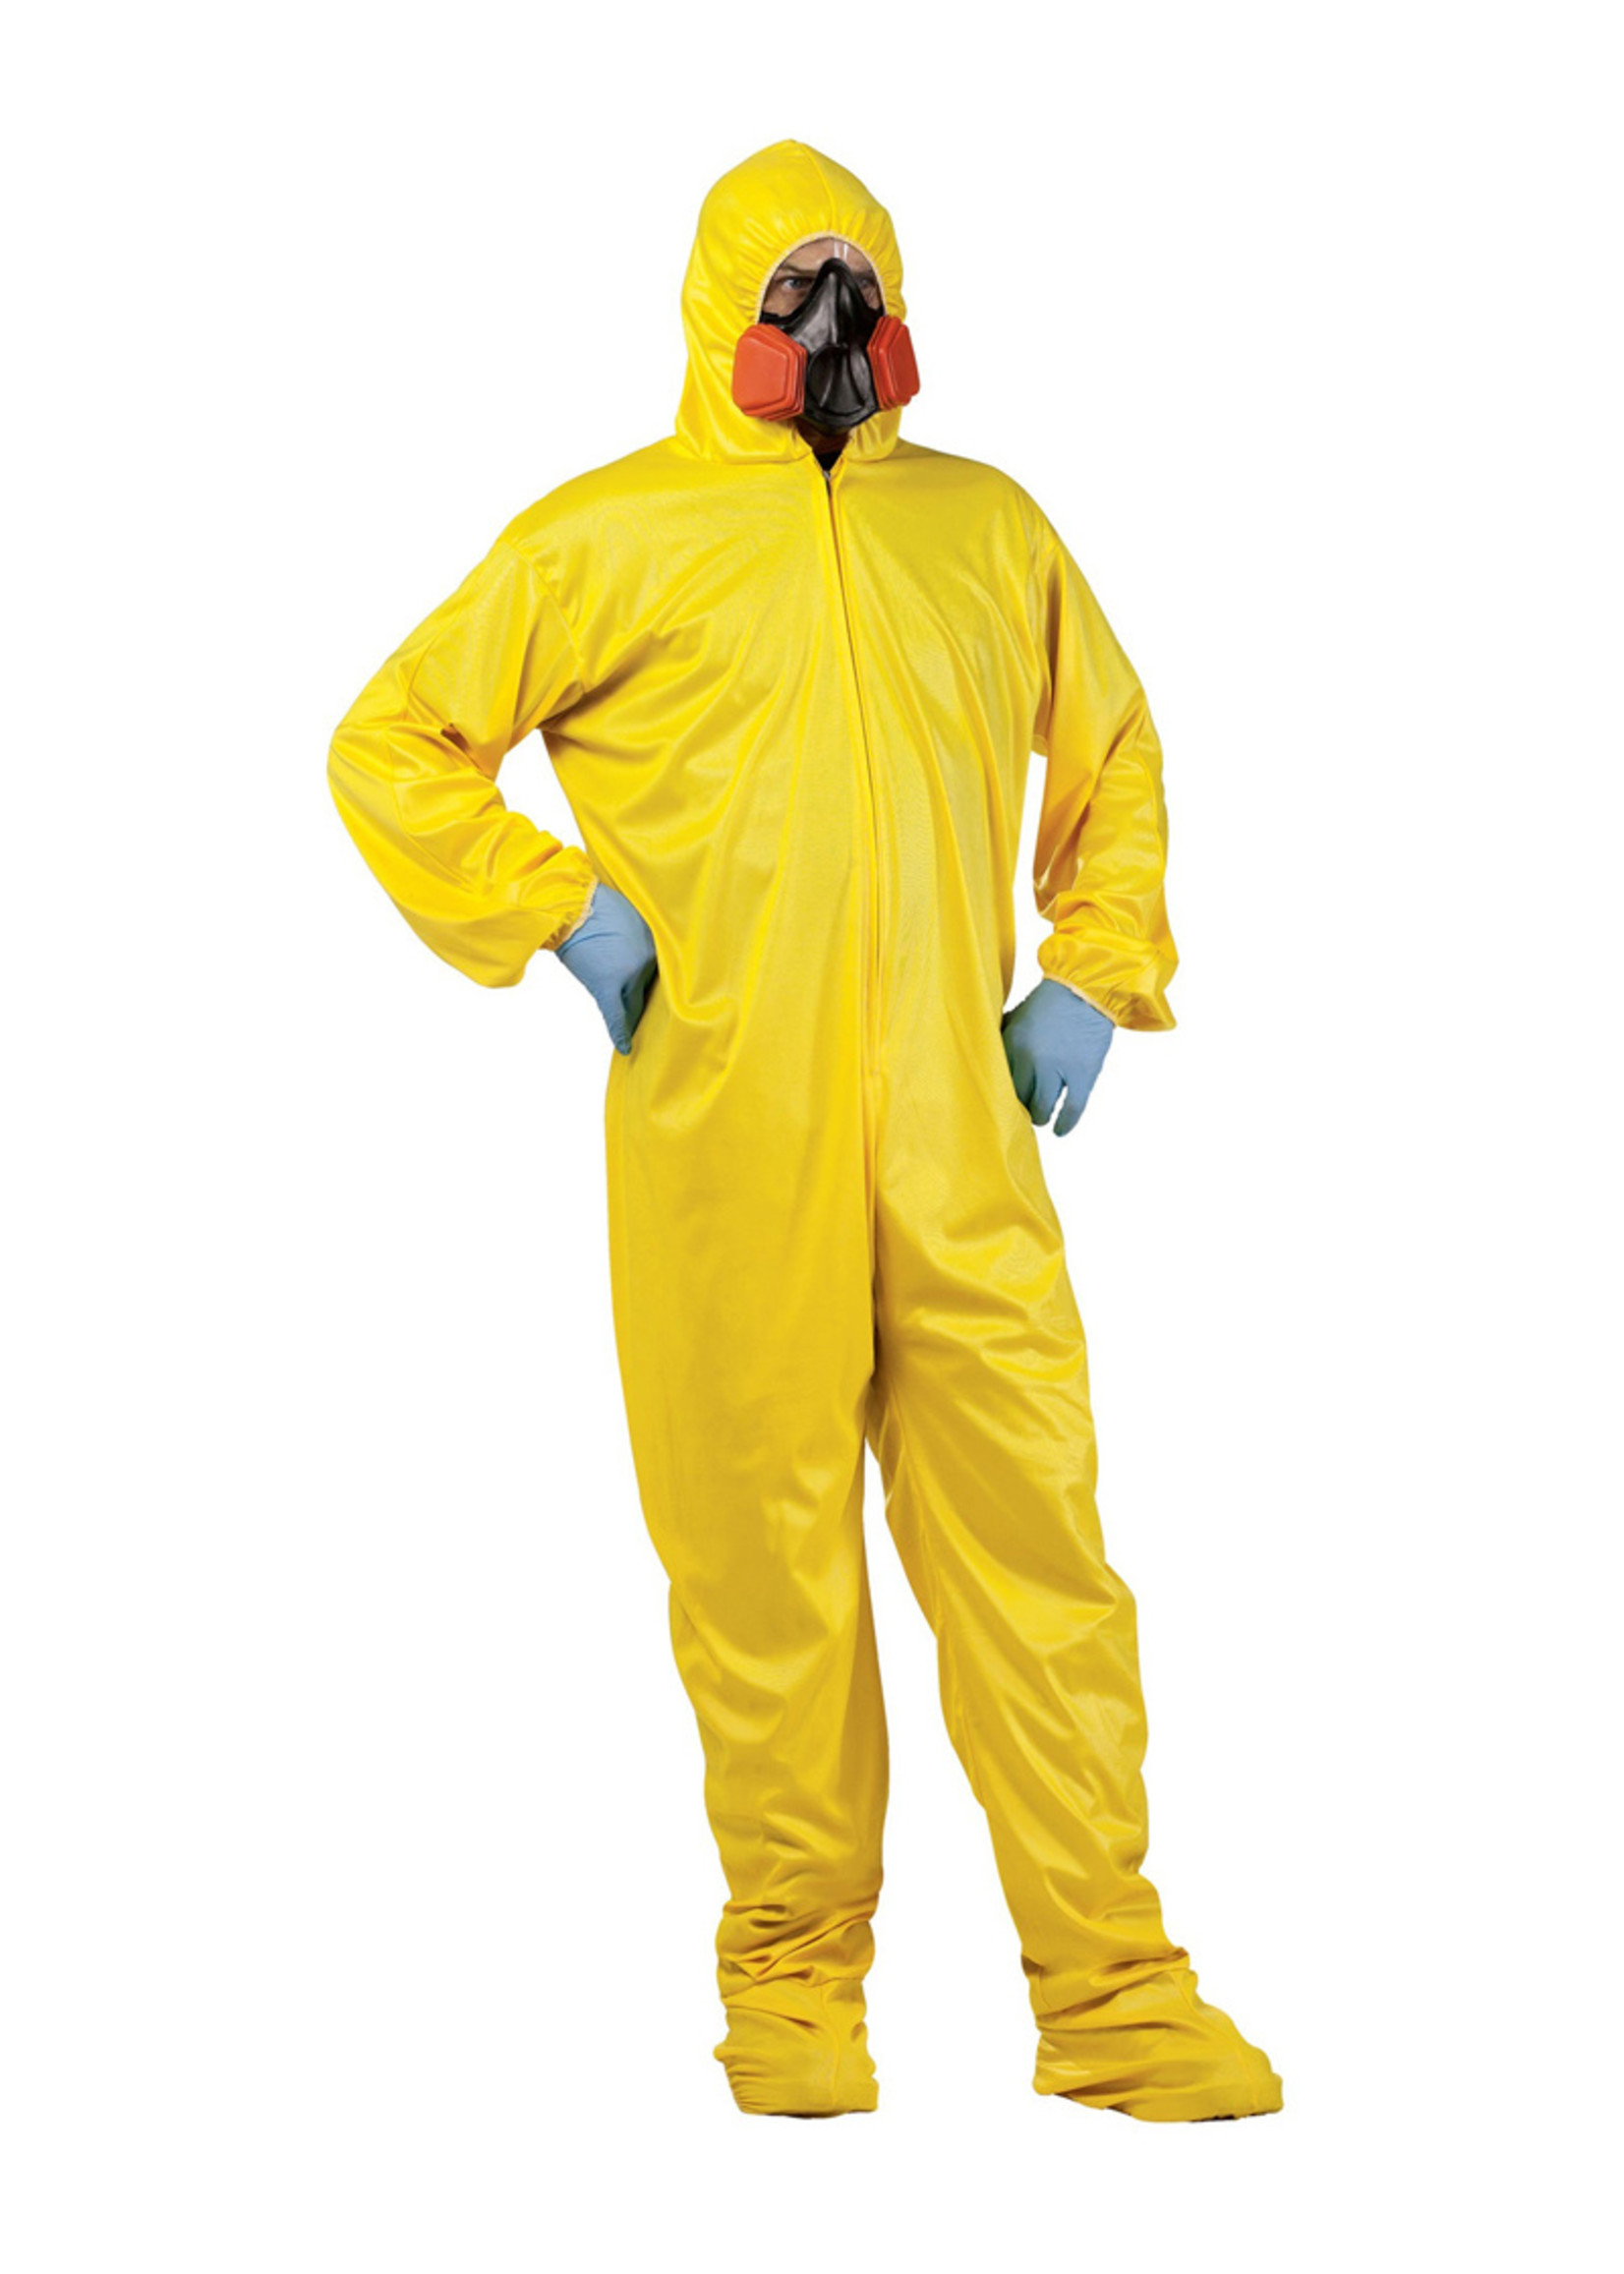 Hazmat Suit & Mask - Adult